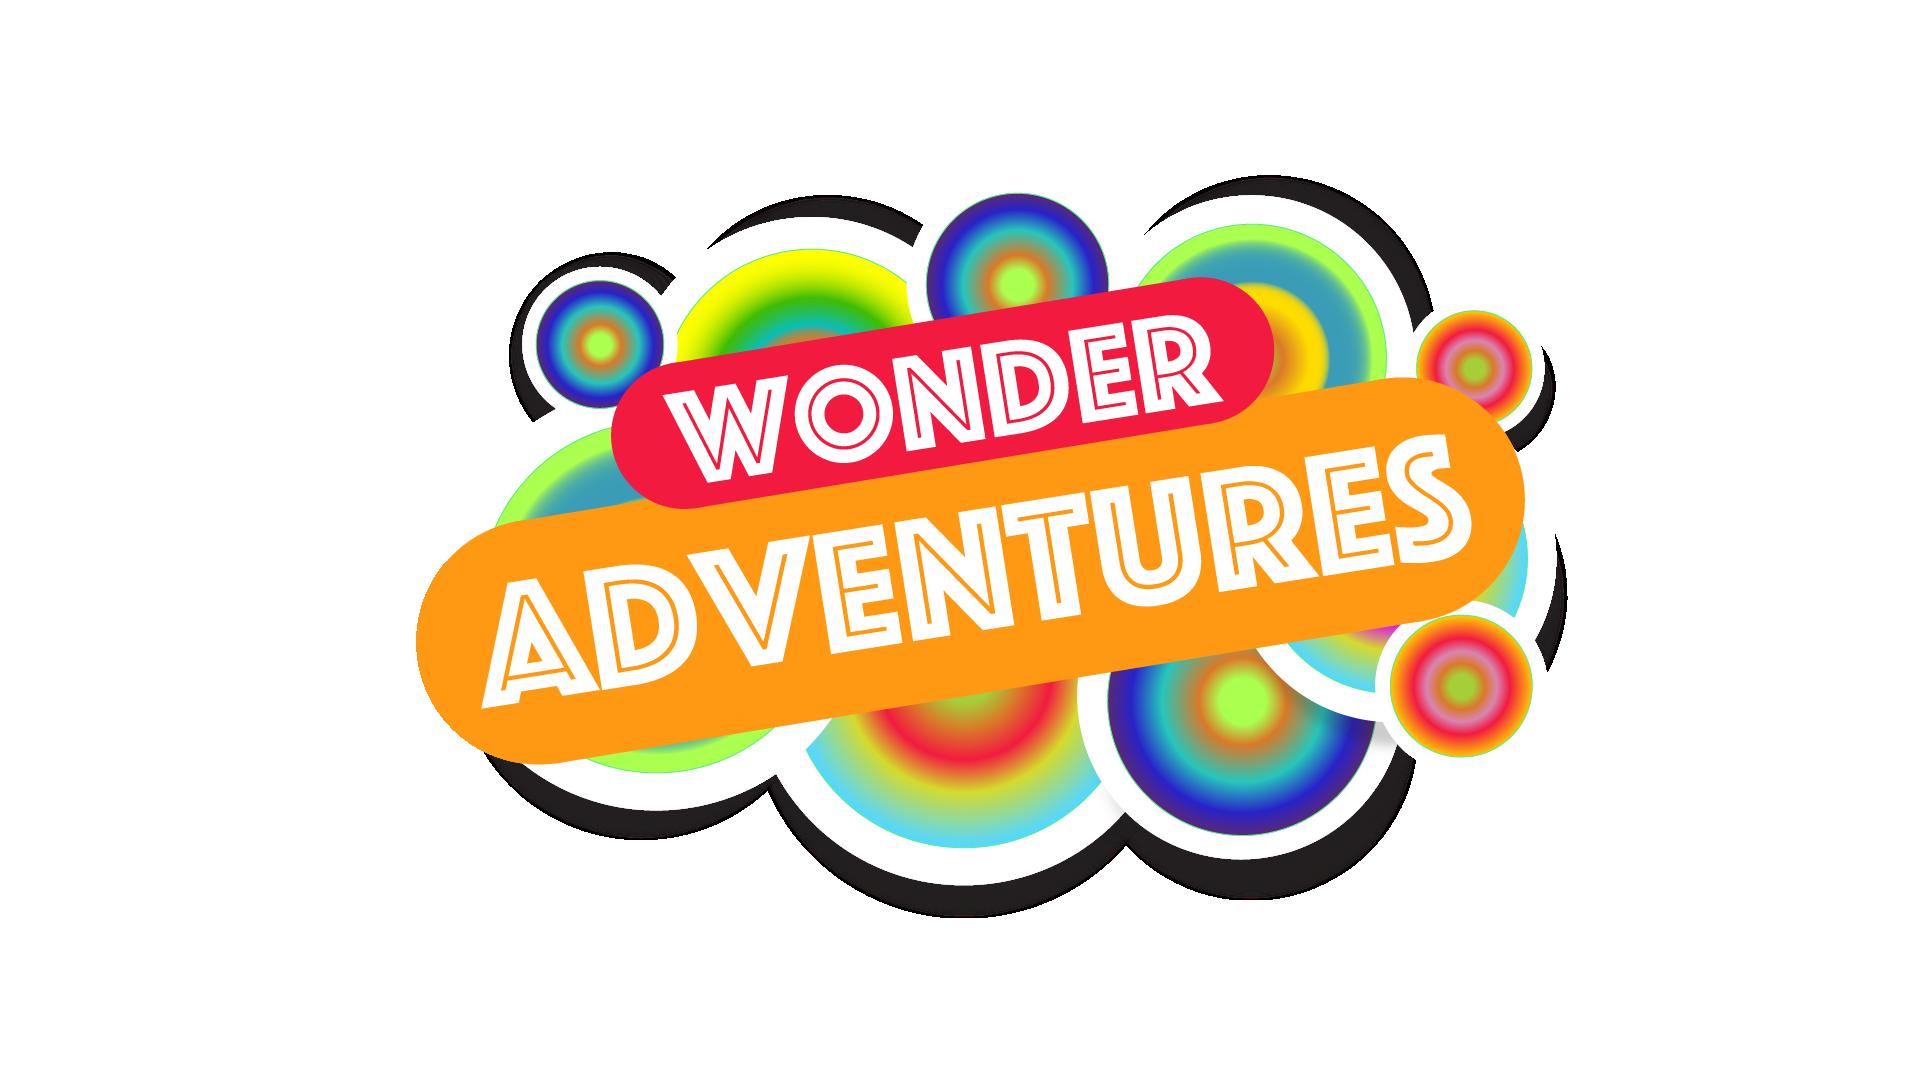 Wonder adventures logo